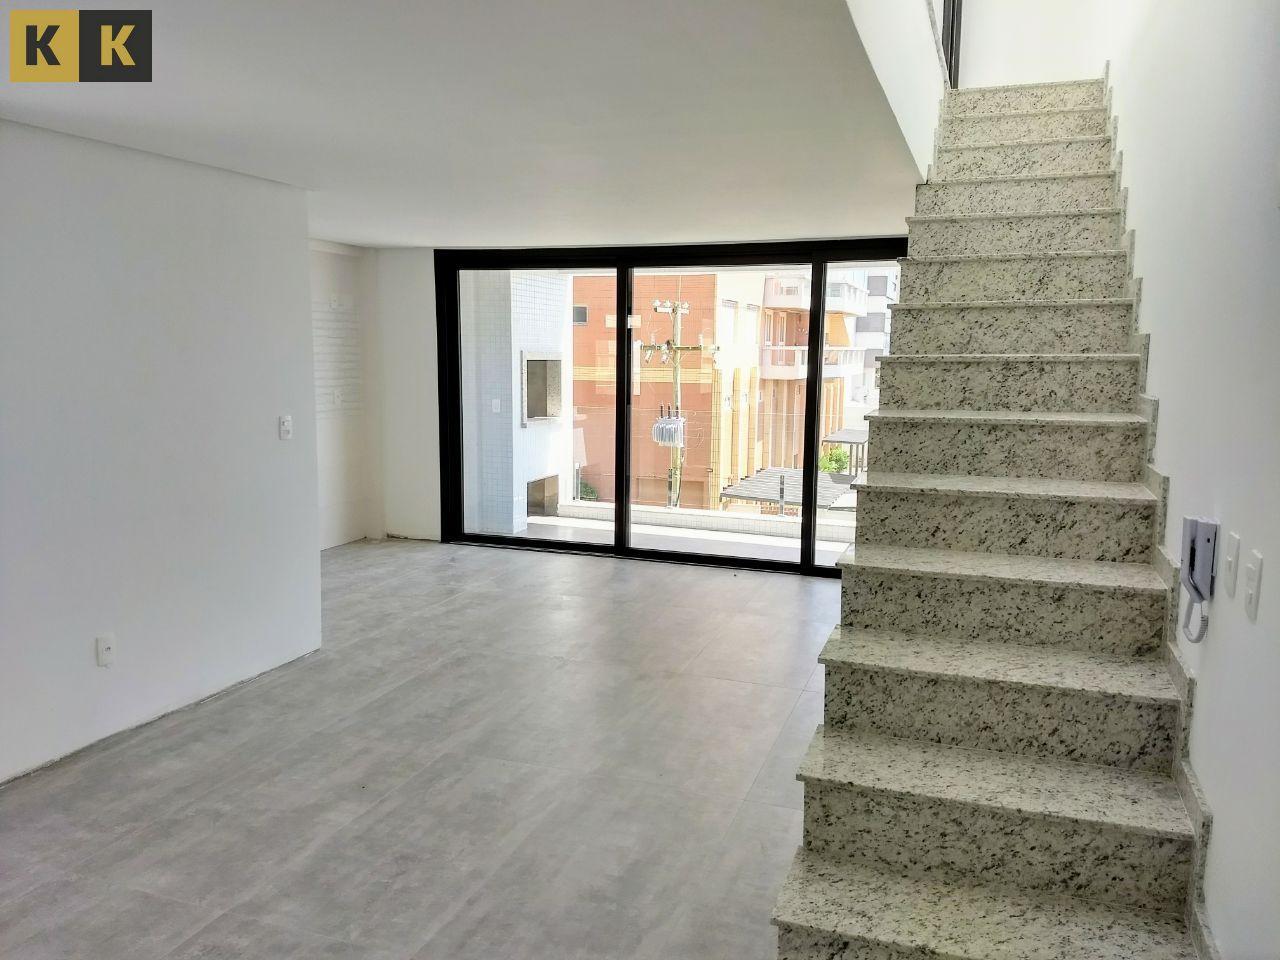 Apartamento com 3 Dormitórios à venda, 189 m² por R$ 1.250.000,00